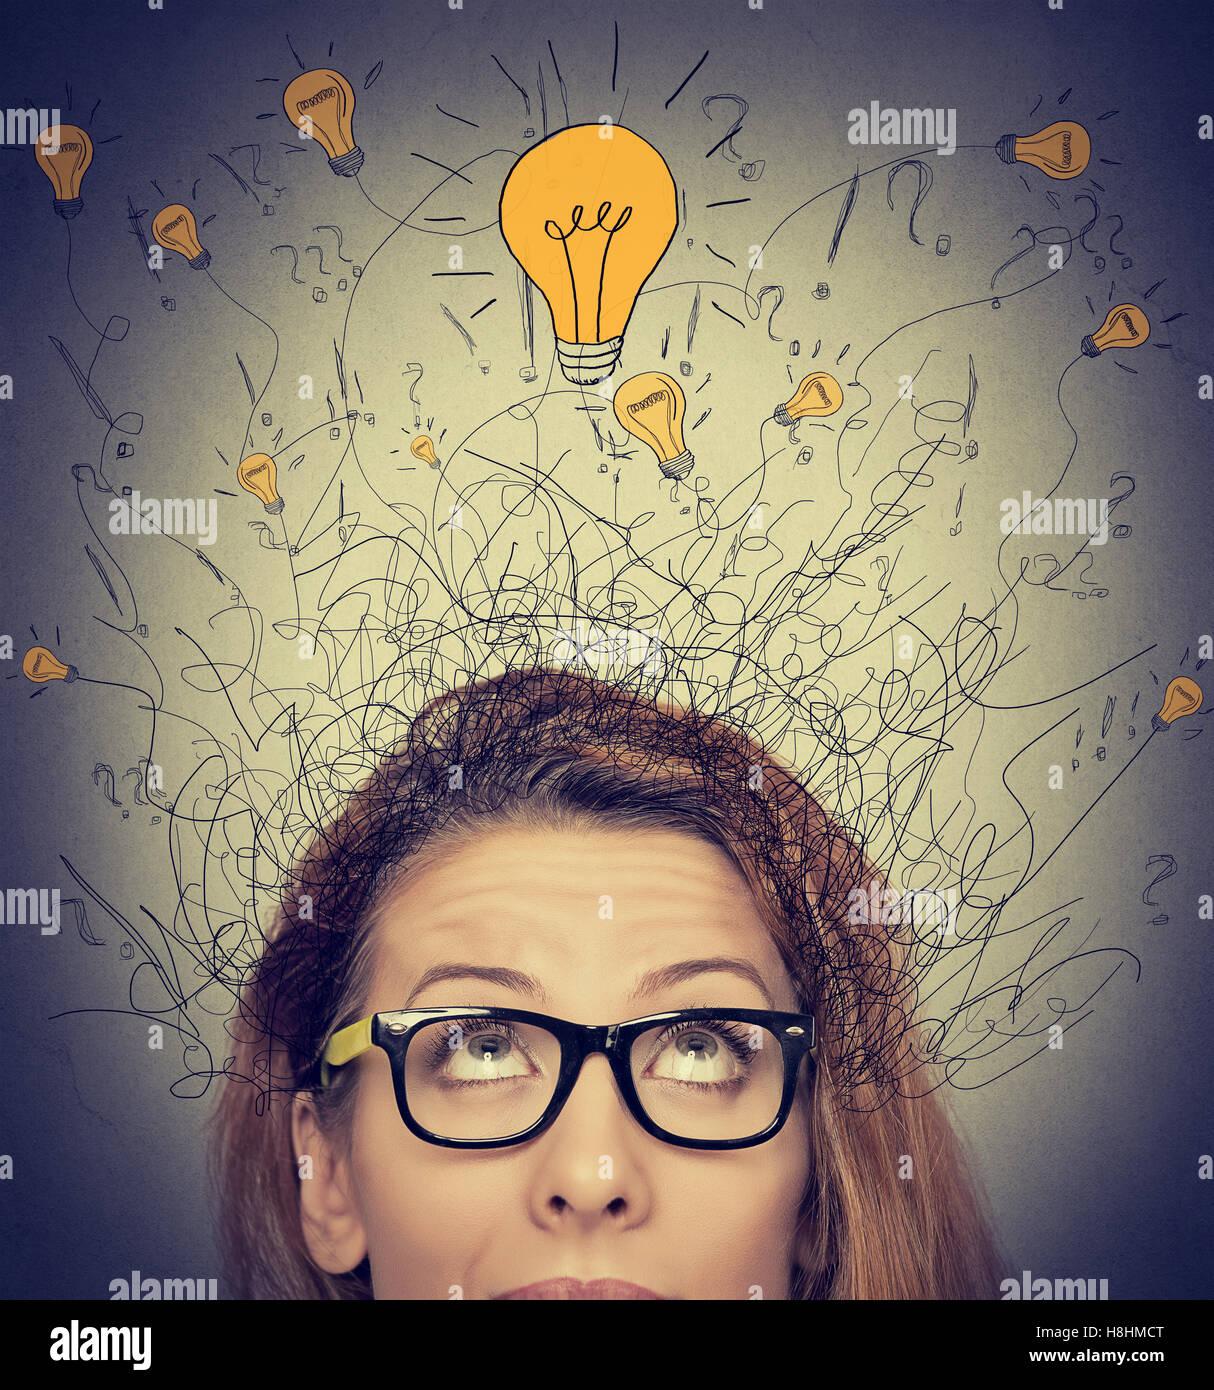 Closeup denken Frau mit Frage Zeichen und leichte Idee Glühbirne über dem Kopf suchen auf graue Wand Hintergrund Stockbild